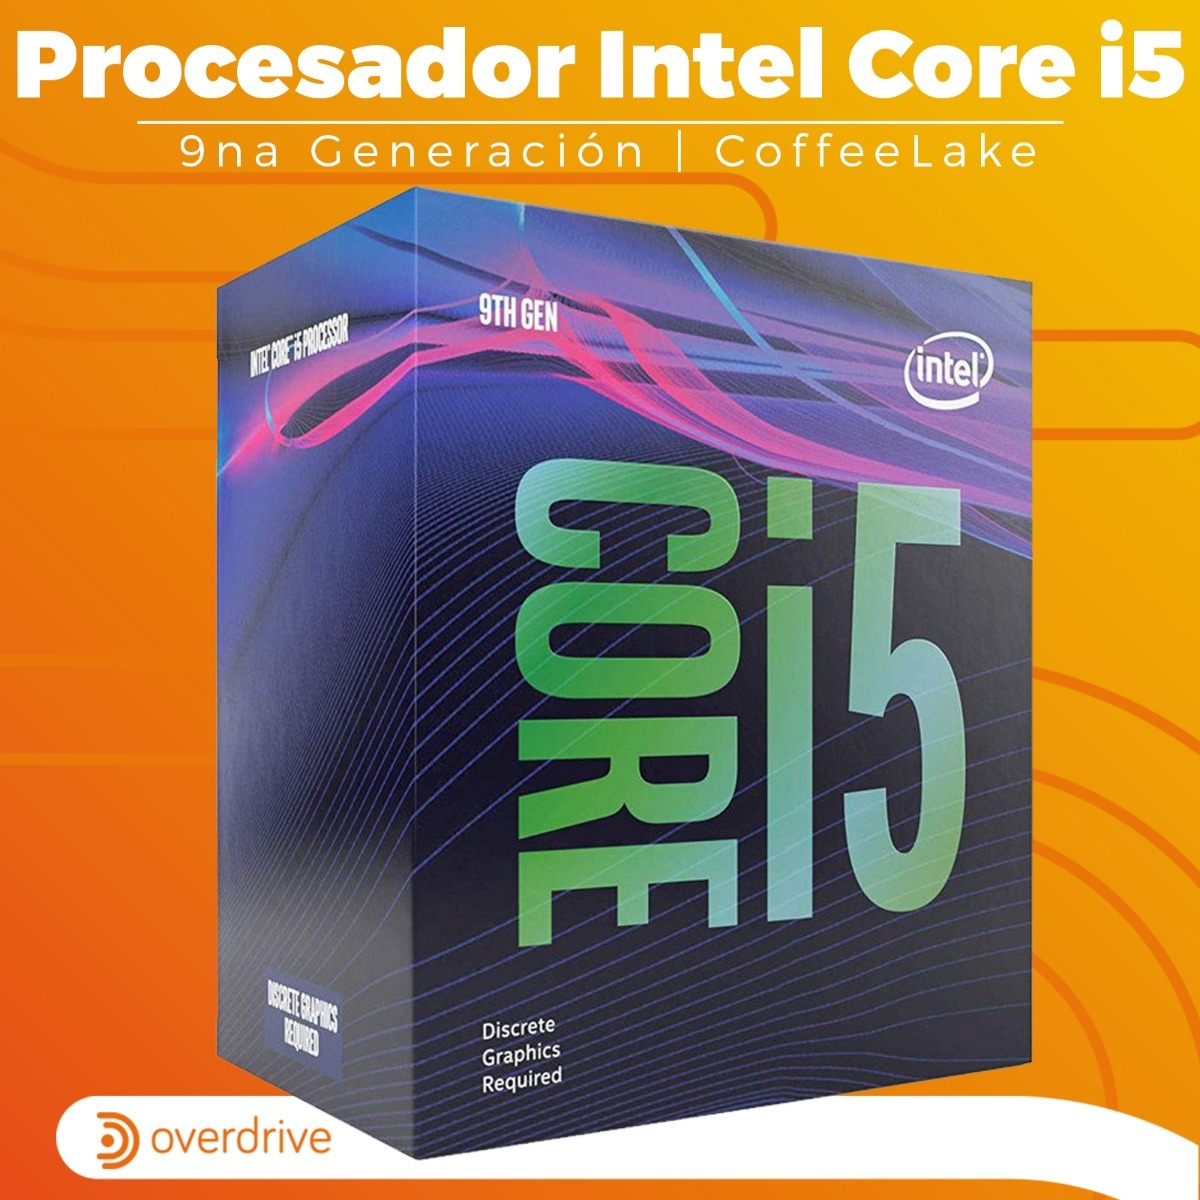 Pc Gamer Ultra Intel Core I5 9400f 9na Gen 16gb Rtx 2080 8gb